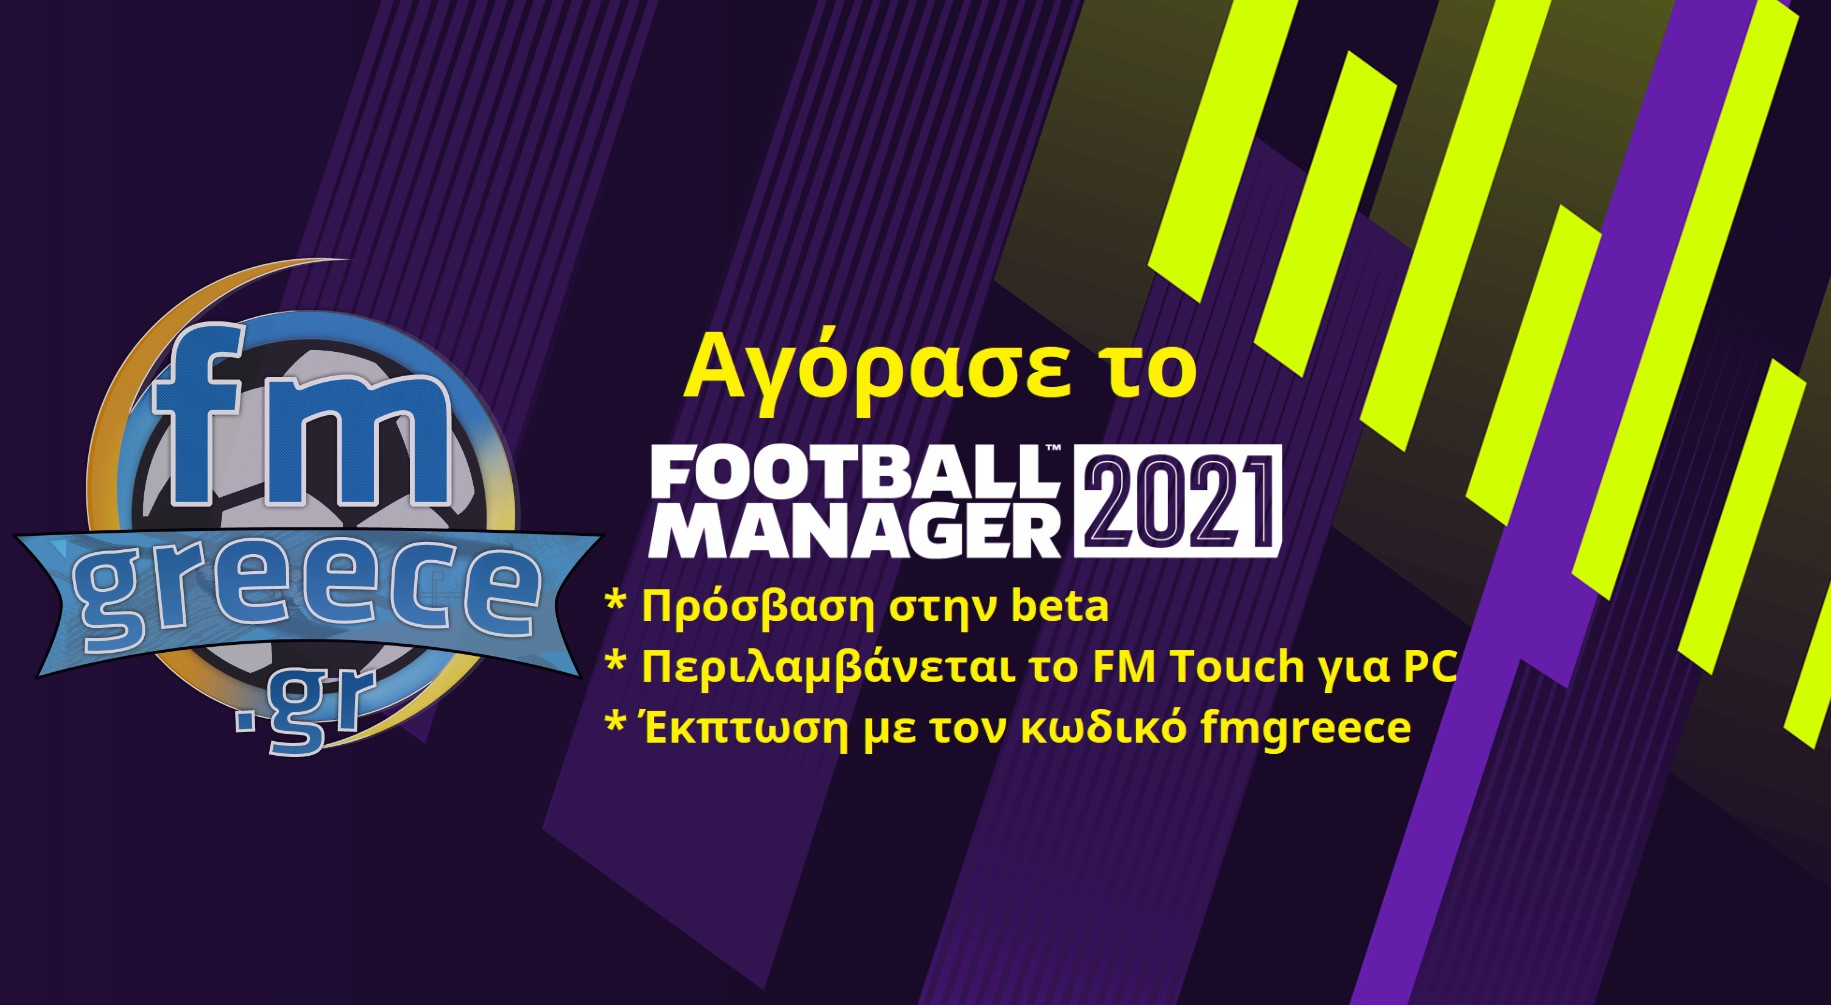 Αγόρασε το Football Manager 2021 τώρα!